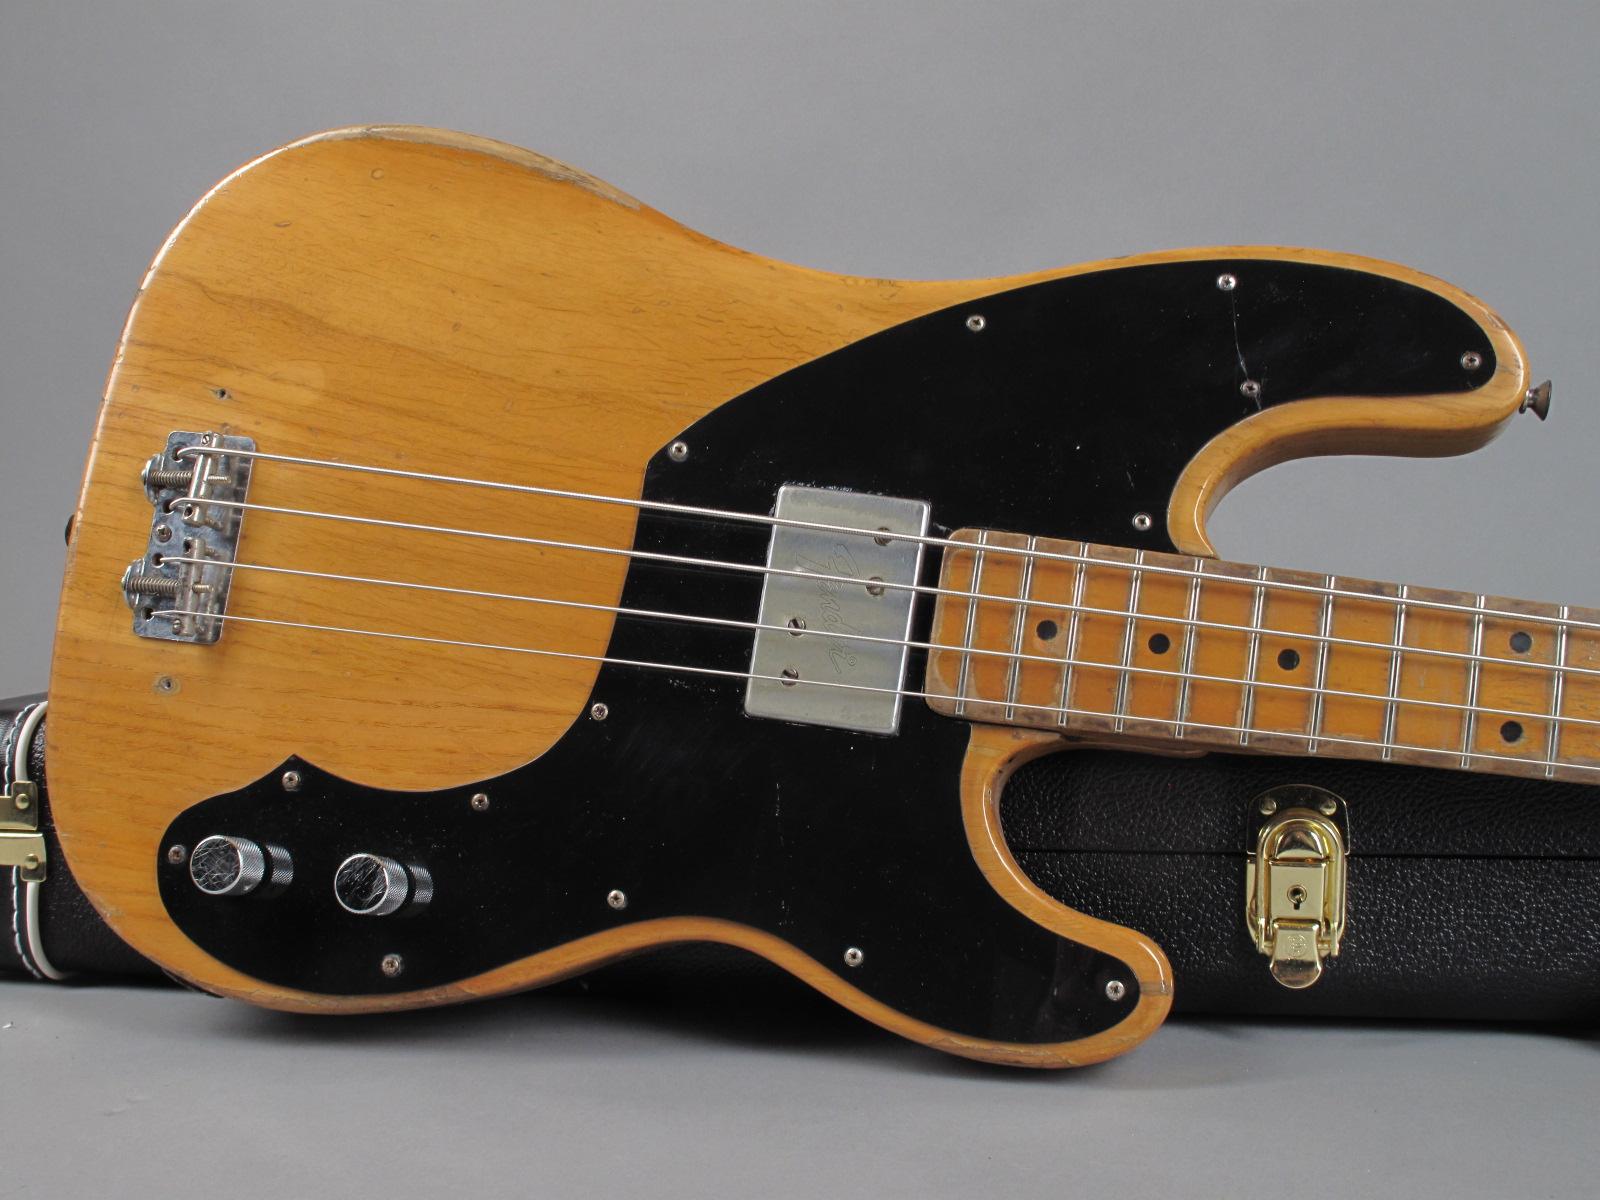 https://guitarpoint.de/app/uploads/products/1977-fender-telecaster-bass-ii-natural/1977-Fender-Telecaster-Bass-II-S701214-9.jpg